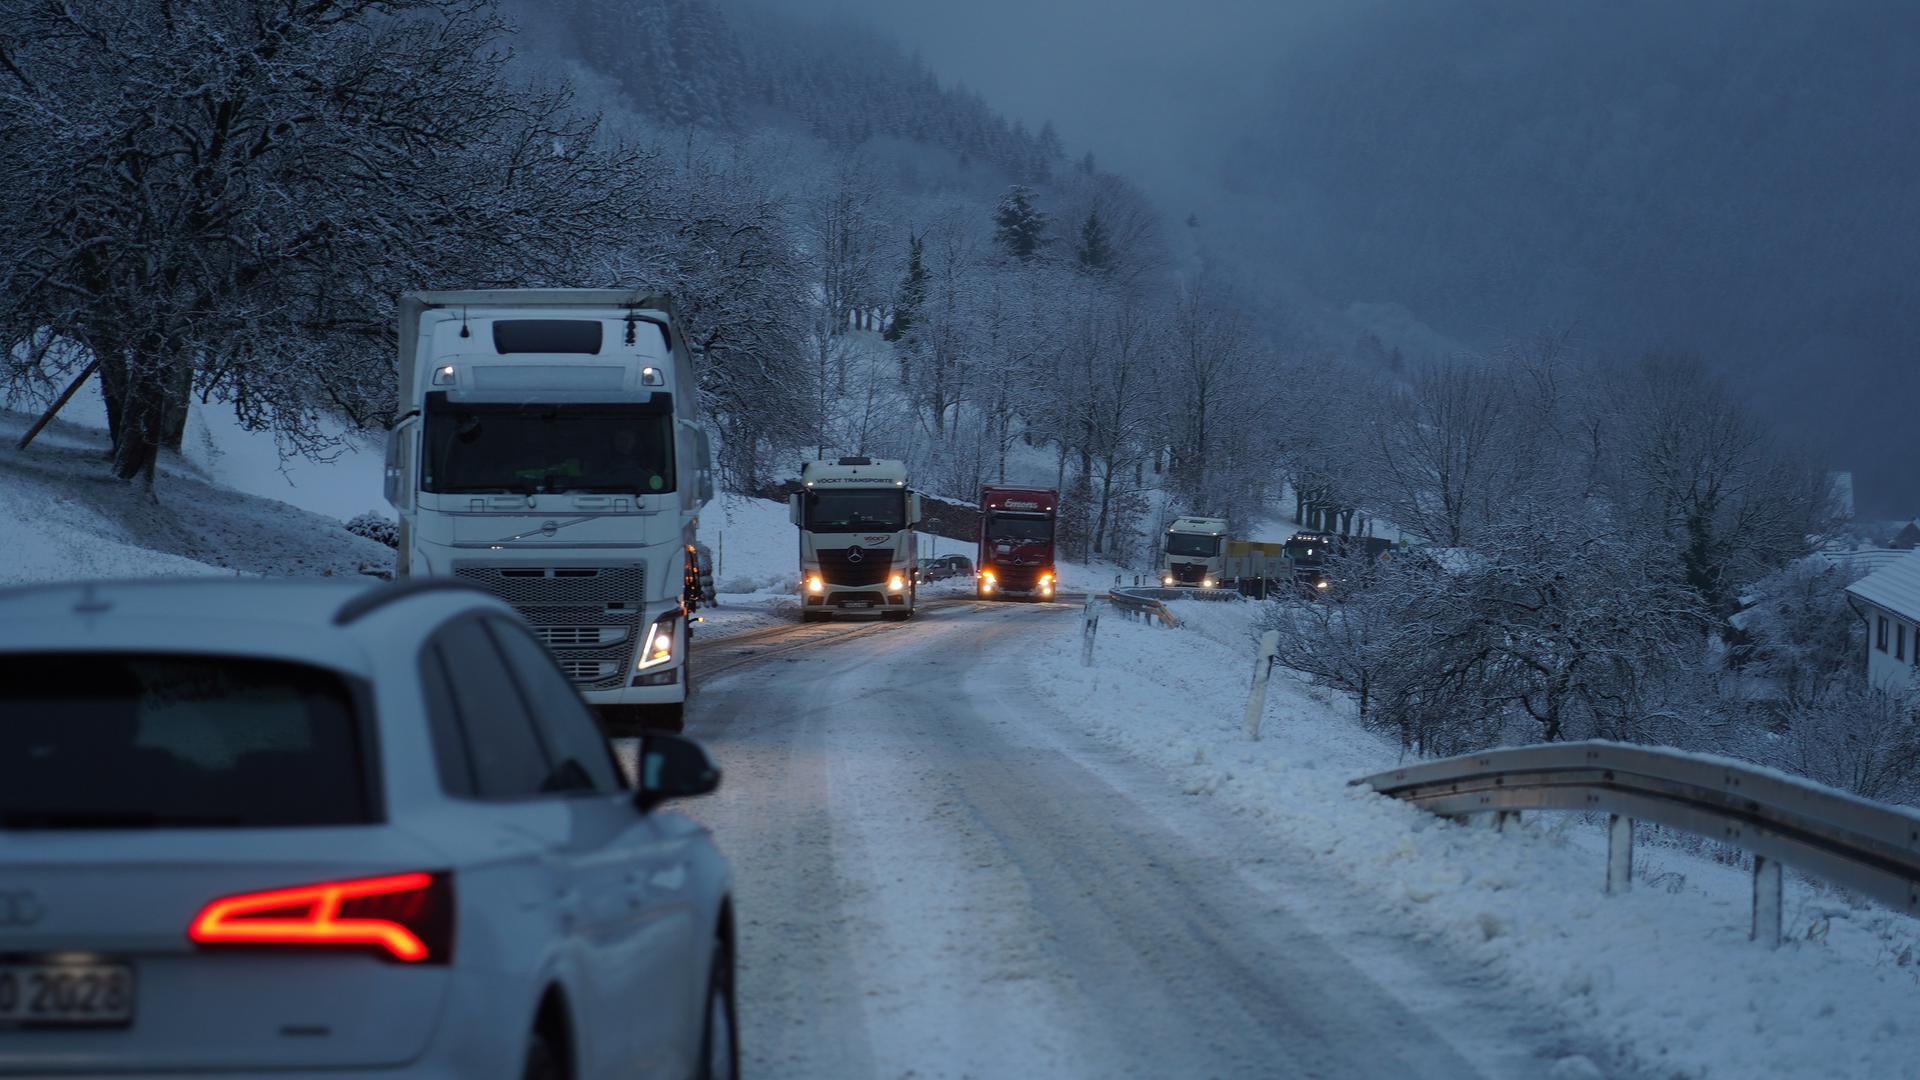 Der erste Schnee sorgte auch für viele Unfälle und Verkehrsbehinderungen.